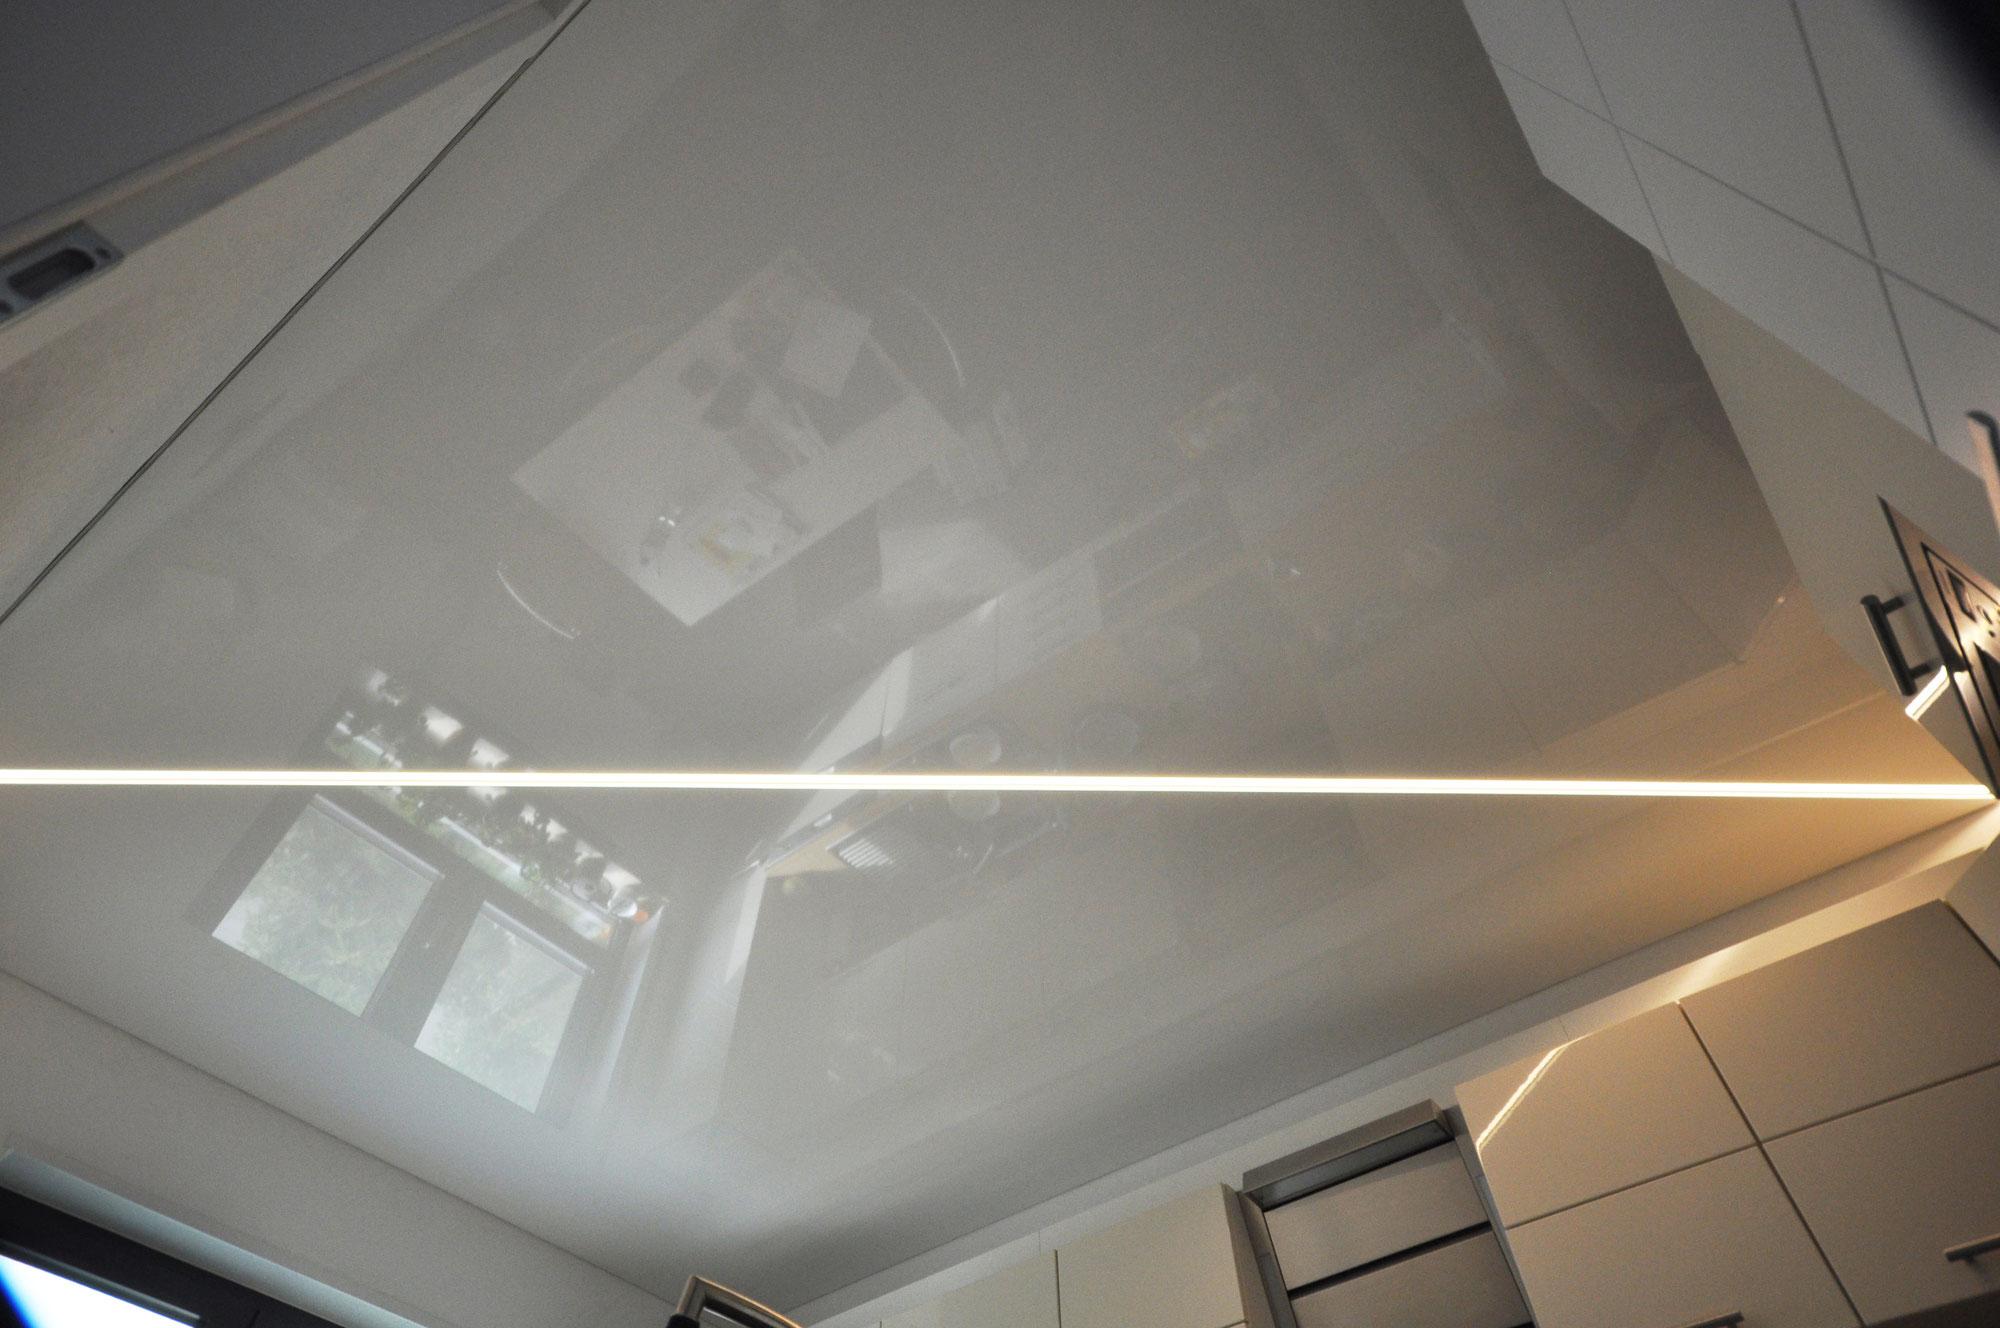 profilsysteme ciling spanndecken lackspanndecken und ihre matte spanndecke oftersheim. Black Bedroom Furniture Sets. Home Design Ideas